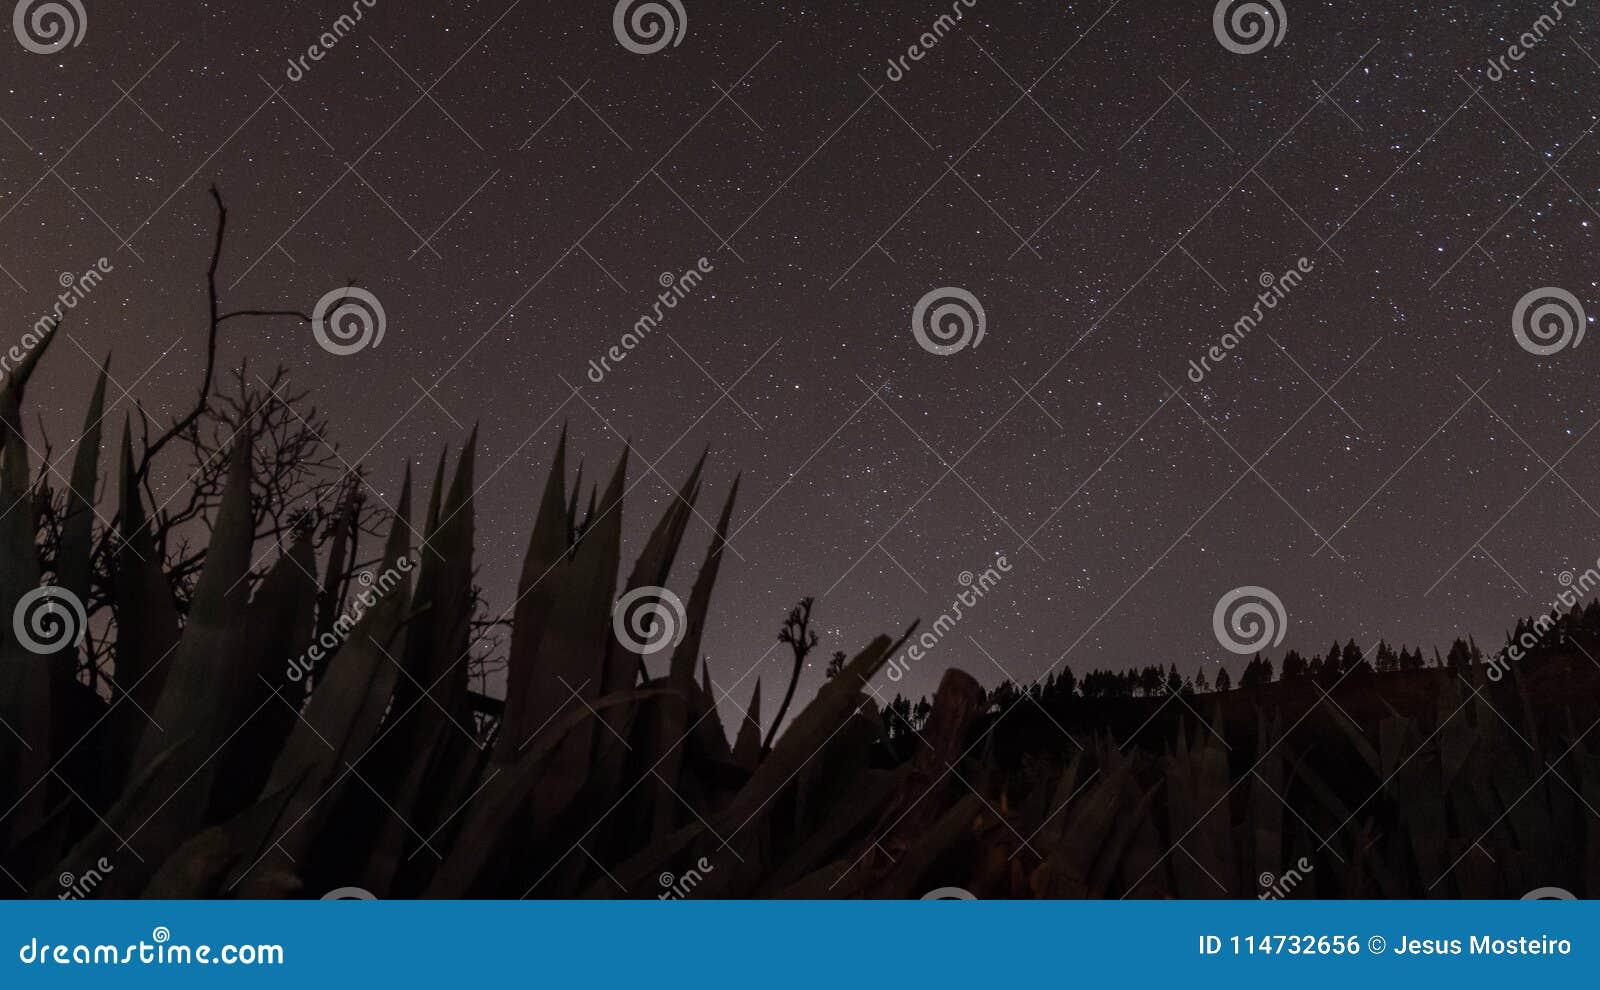 Bild des Himmels und der Sterne, Foto in der Insel von Gran Canaria